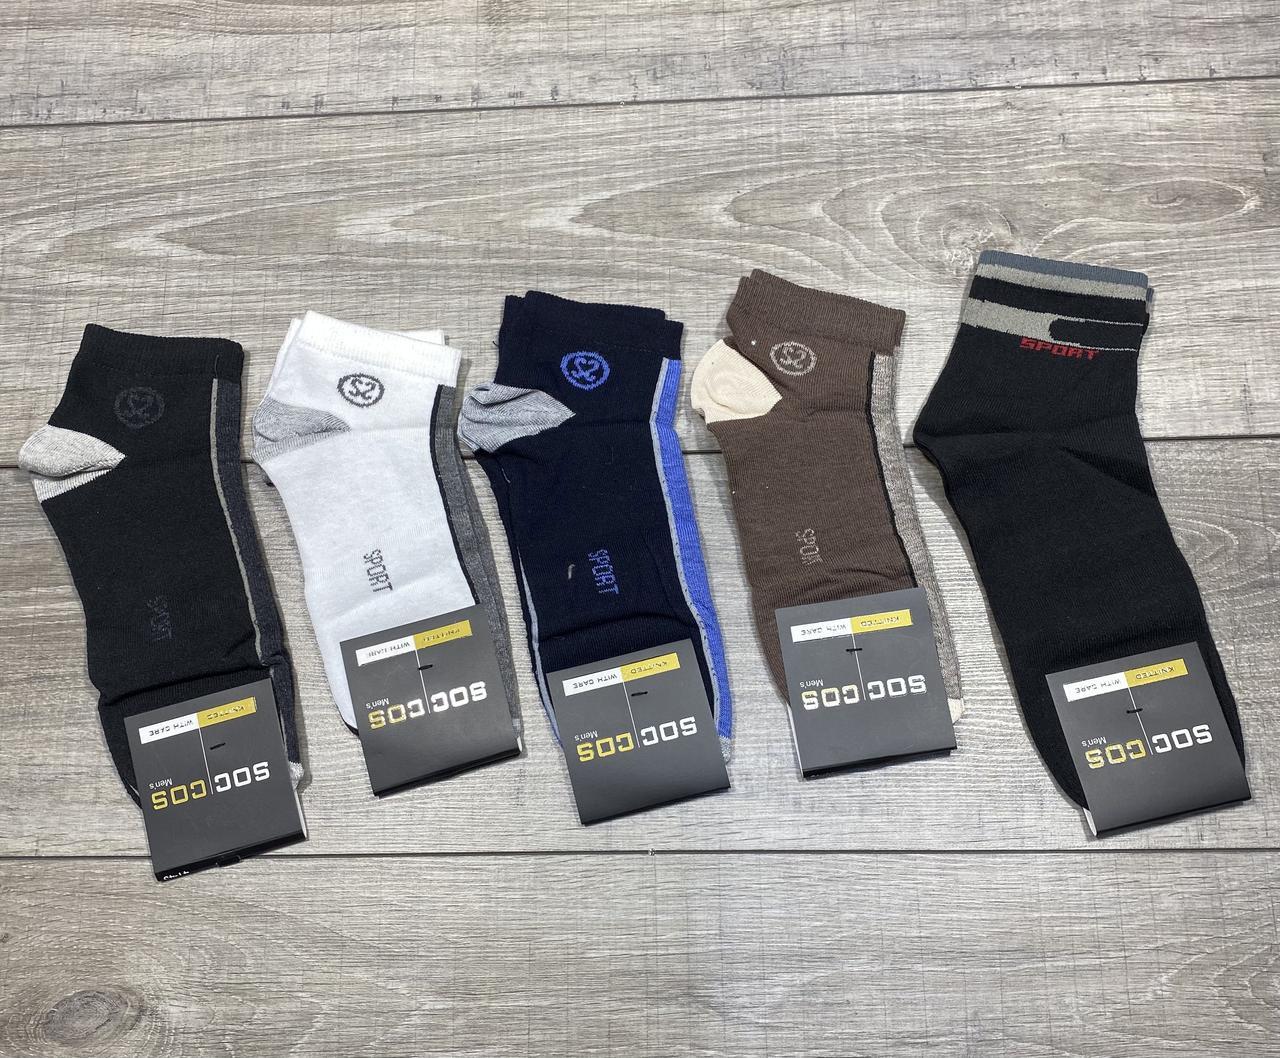 Чоловічі демісезонні шкарпетки SOCCOS кольорове асорті бавовна короткі розмір 41-45 12 шт в уп